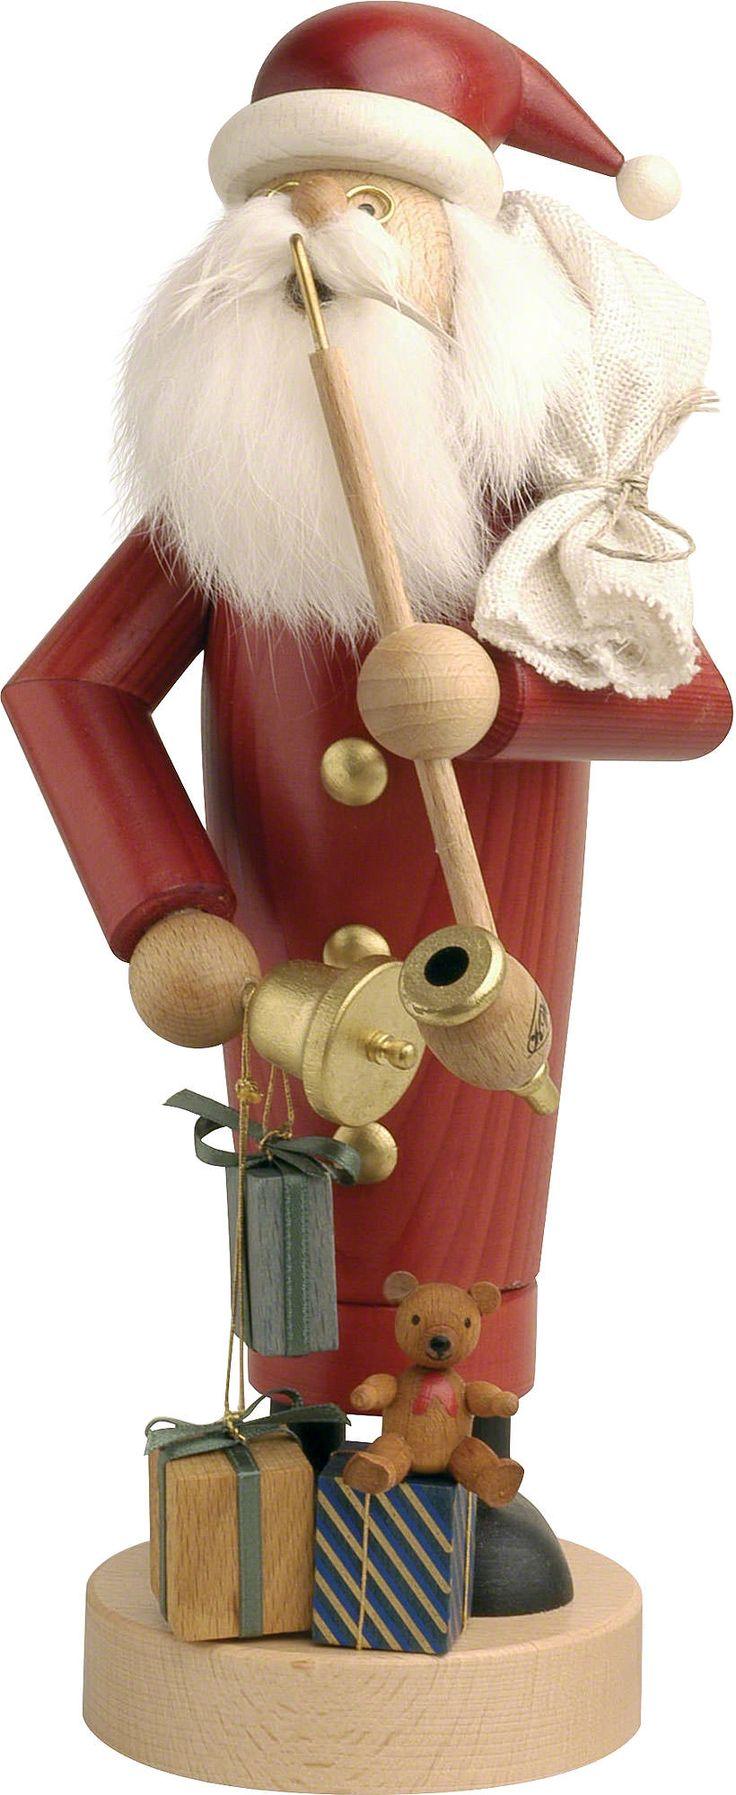 Räuchermännchen Weihnachtsmann (25cm) von KWO